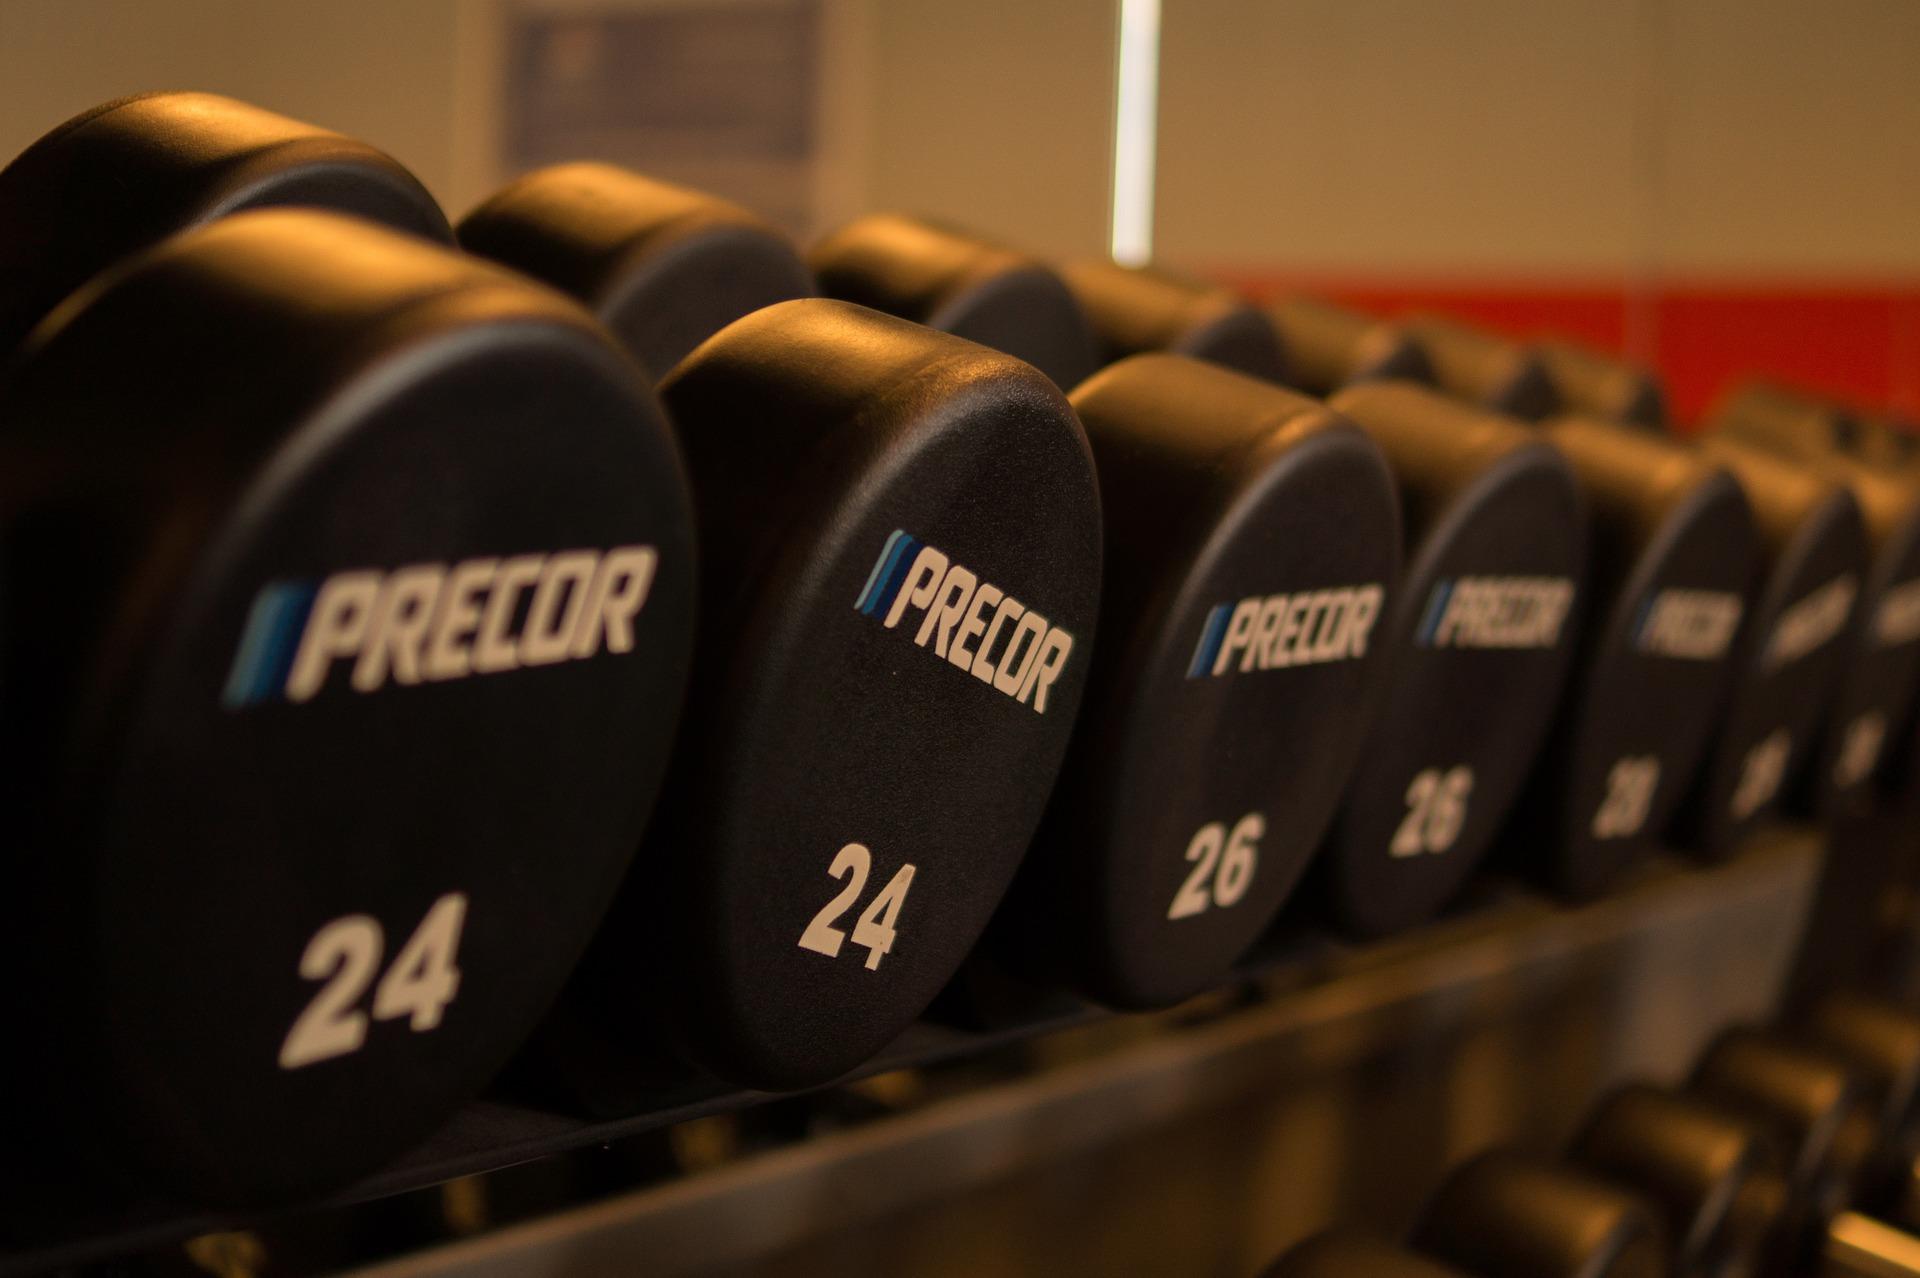 weights-1017465_1920.jpg